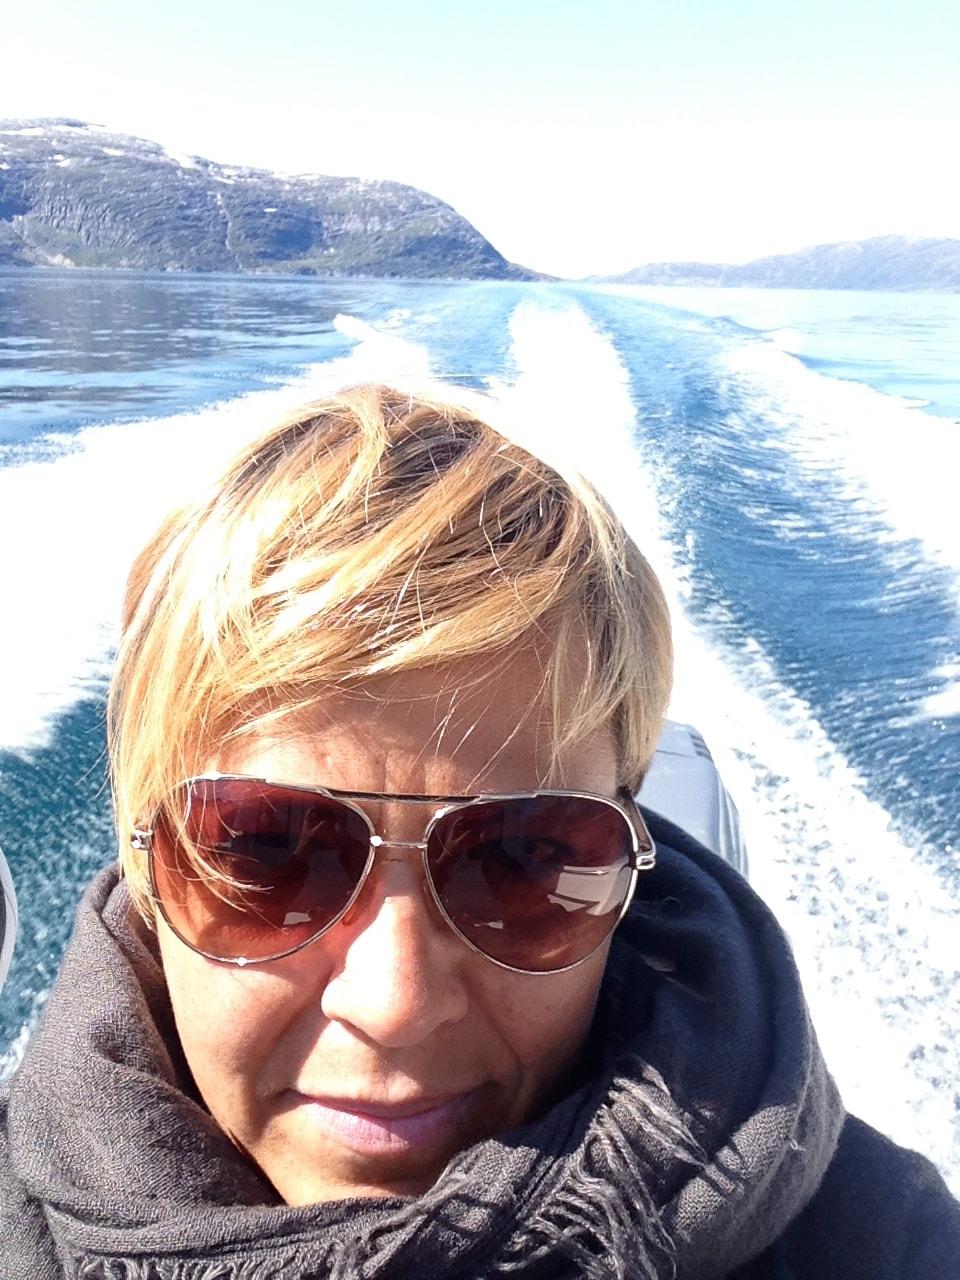 Annette from Fanø